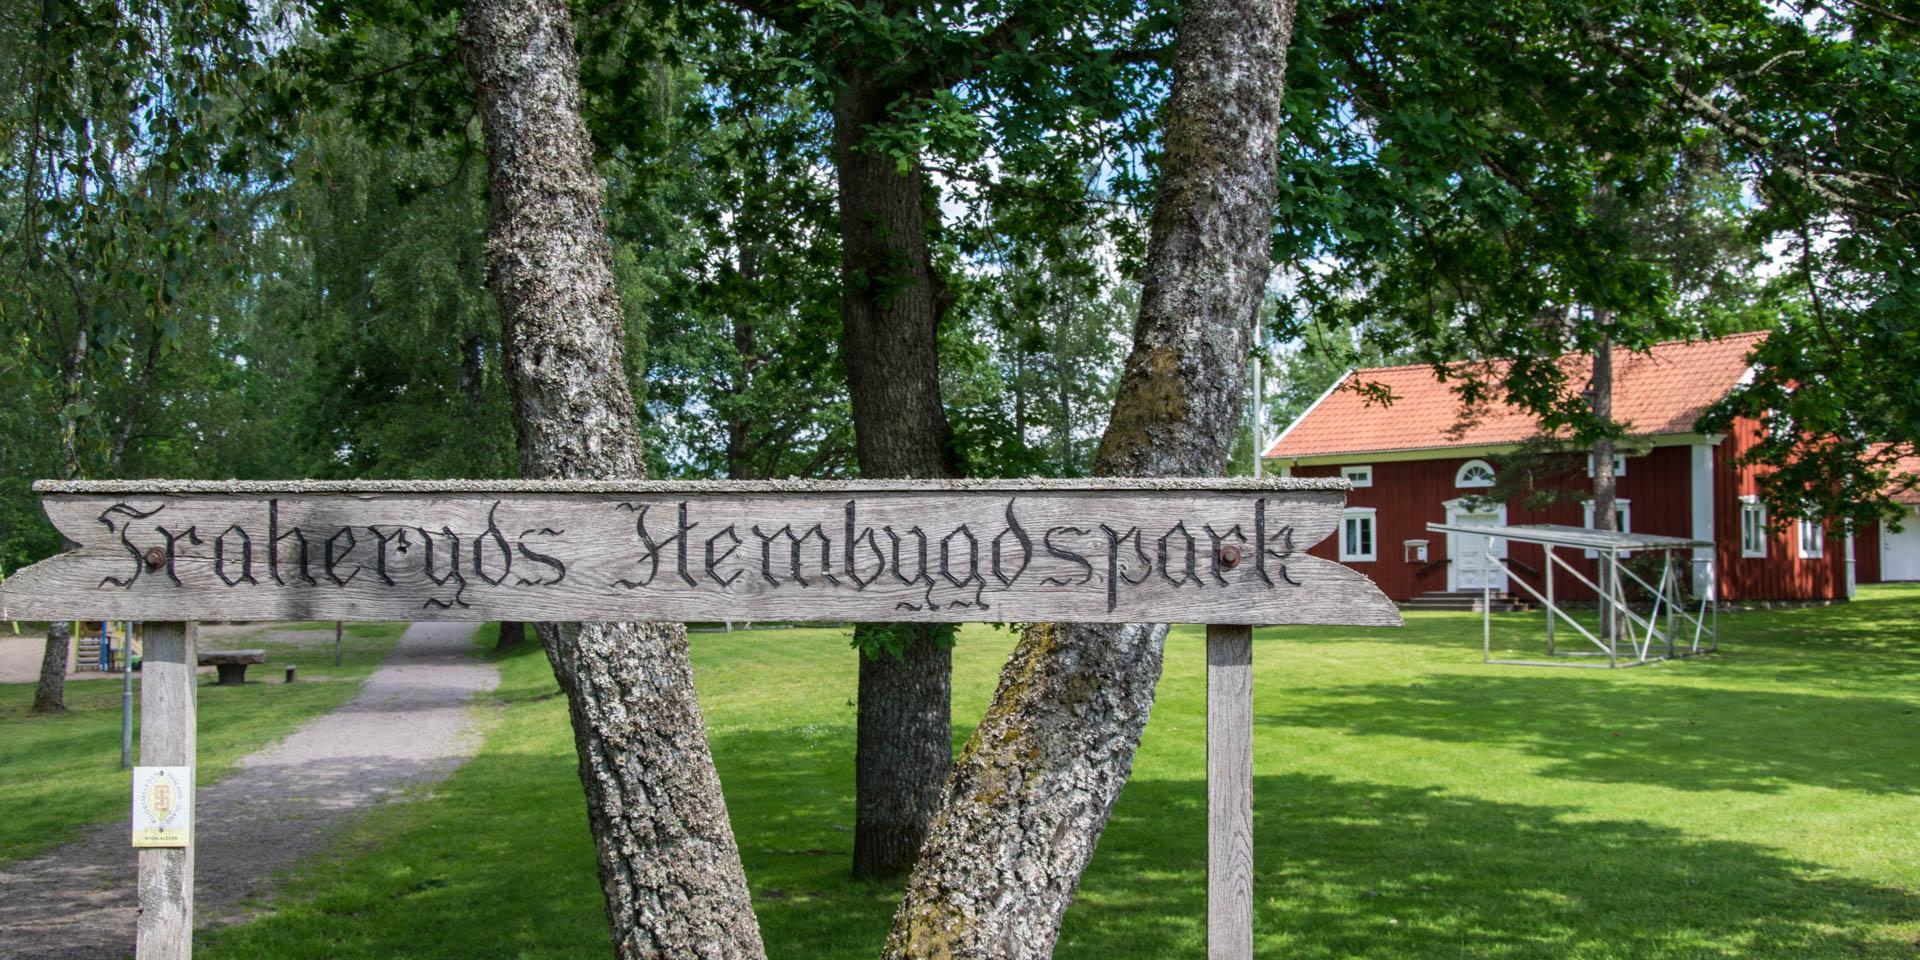 Traheryds Hembygdspark 2019